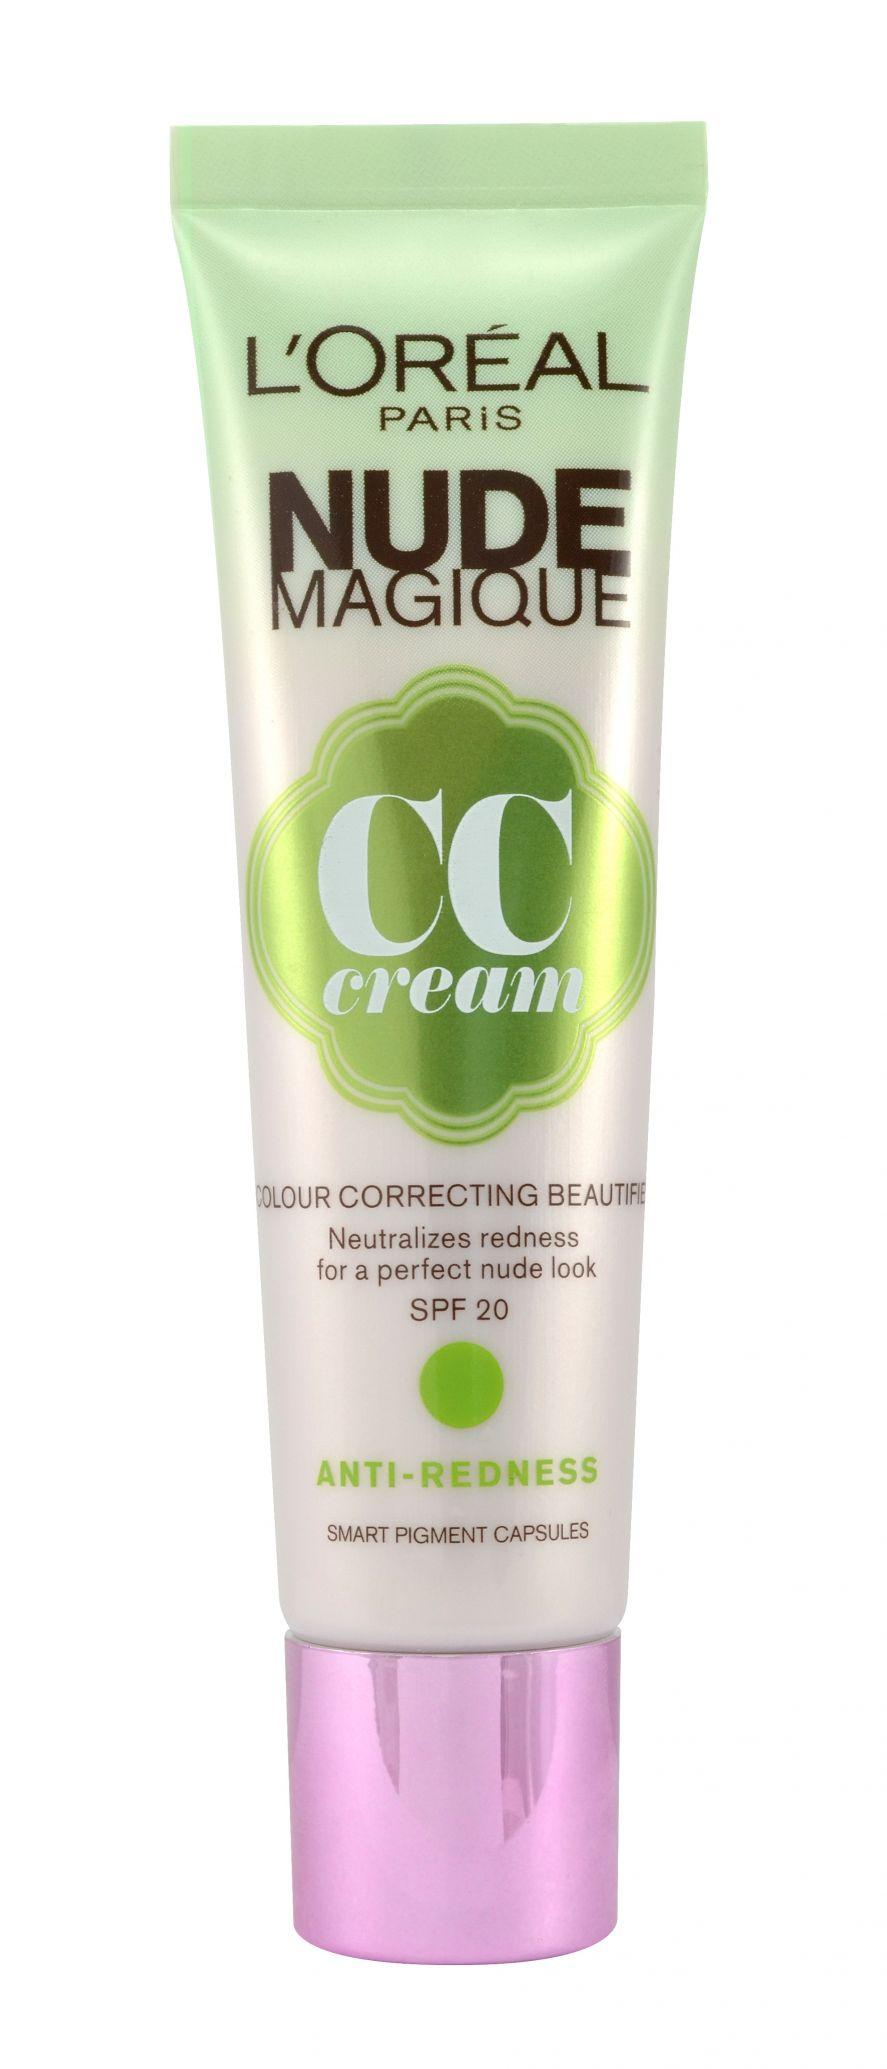 Loreal Foundation Nude Magique CC Cream Anti Redness